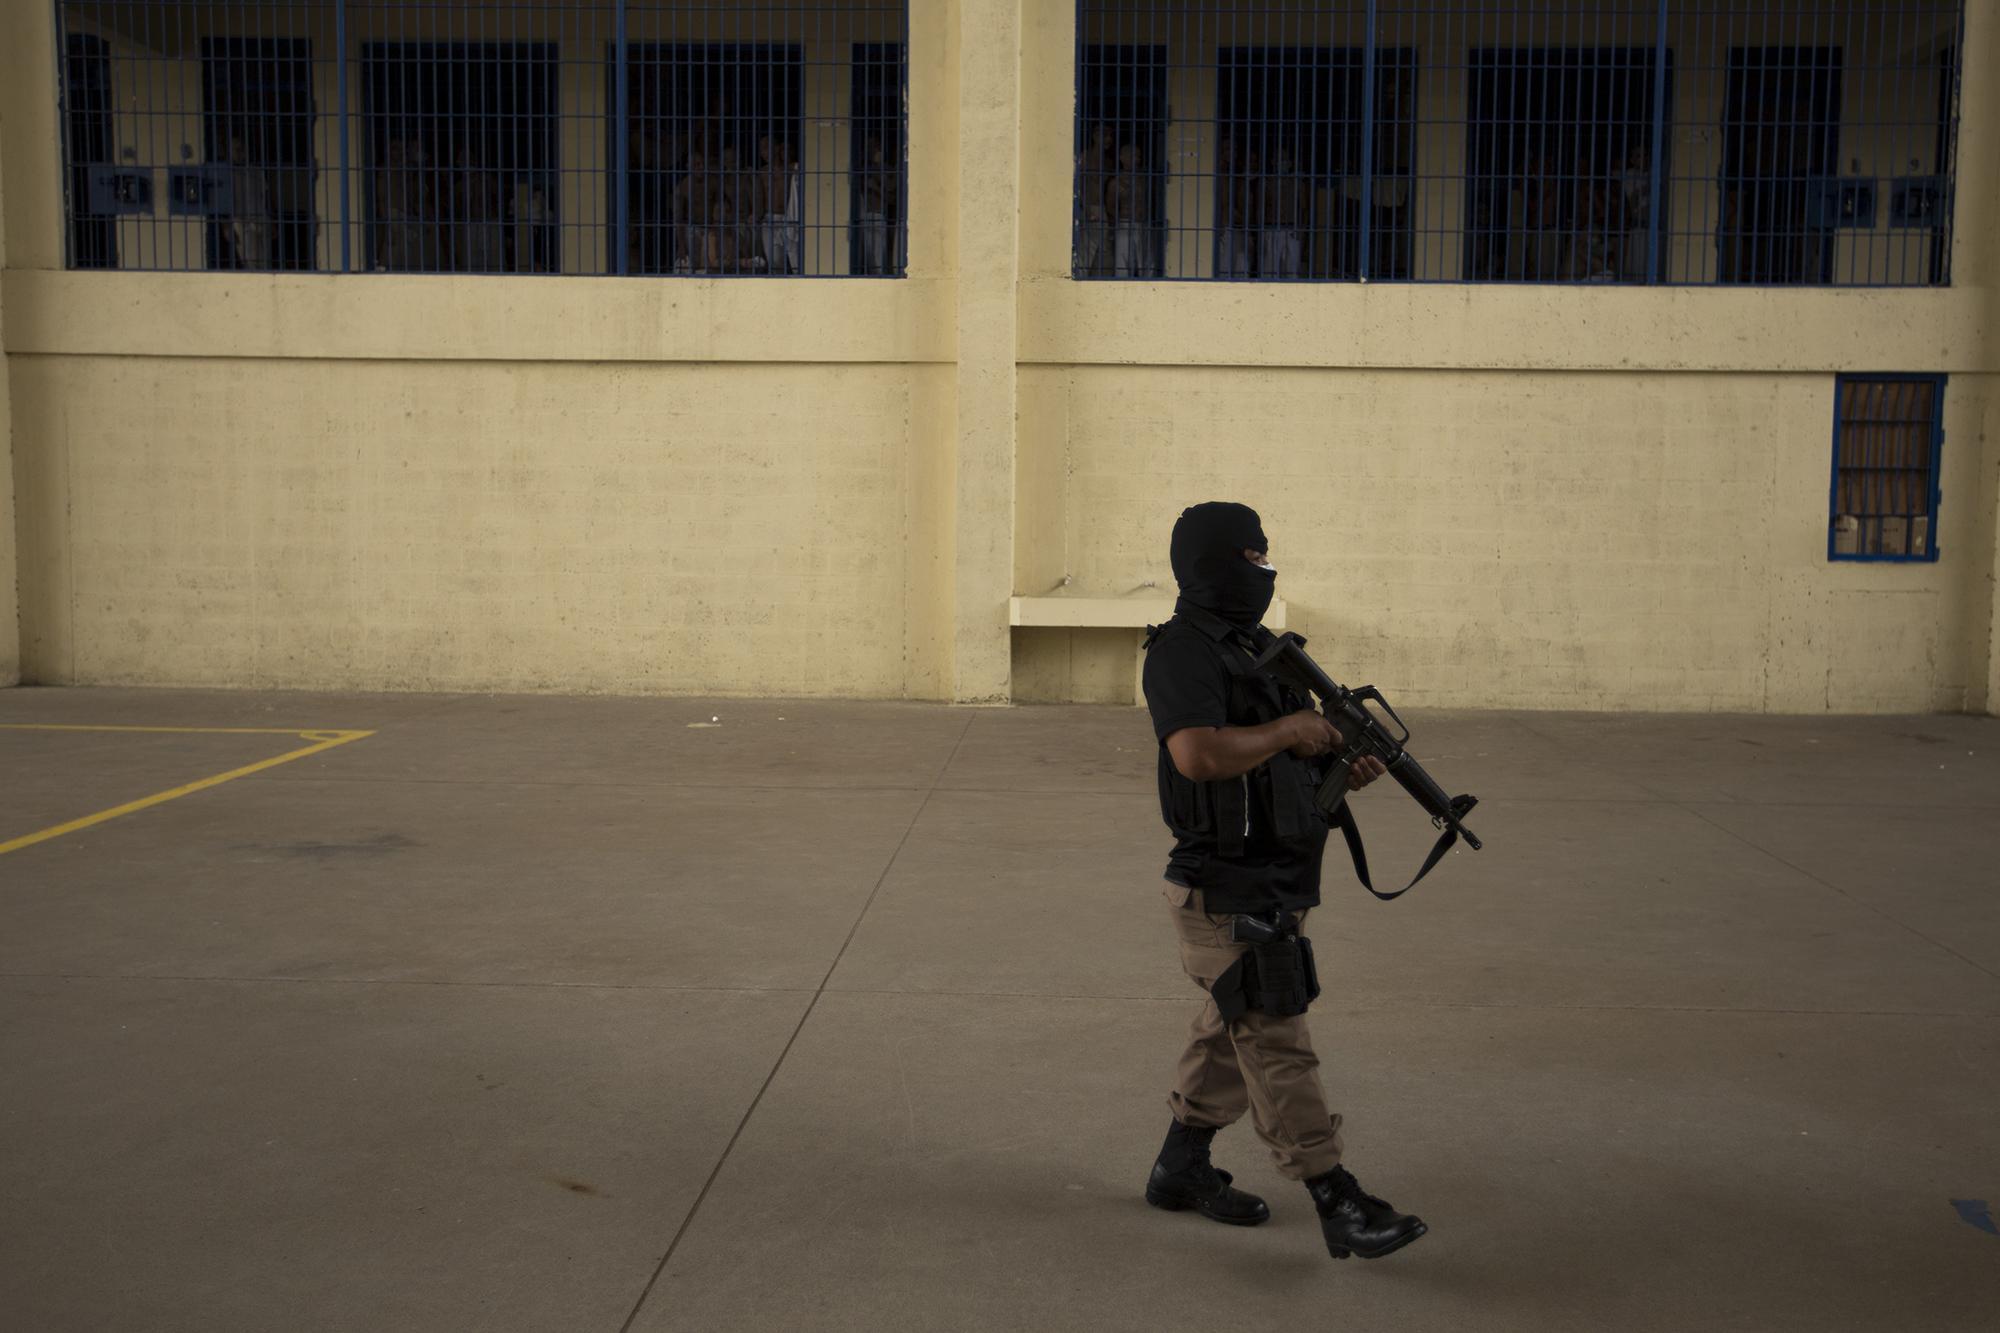 Un custodio de de la Dirección de Centros Penales camina sobre uno de los sectores de la Fase III del Centro Penitenciario de Izalco, durante una visita oficial, el 27 de abril de 2020. Foto de El Faro: Víctor Peña.